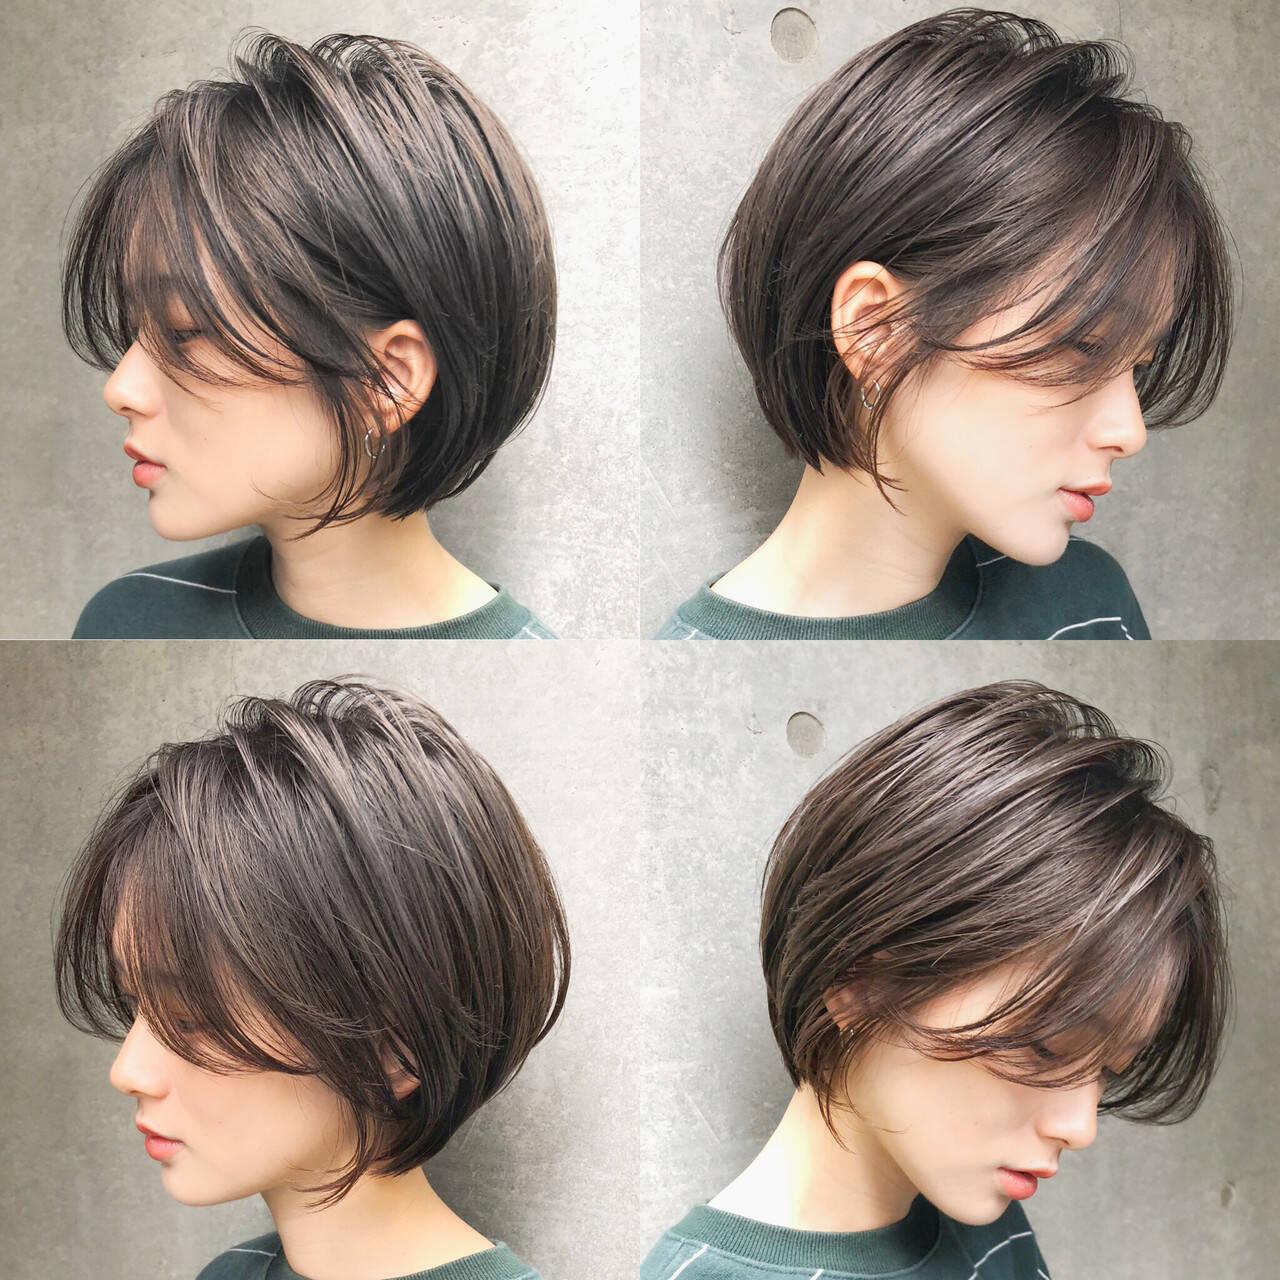 アンニュイほつれヘア 簡単ヘアアレンジ ナチュラル ヘアアレンジヘアスタイルや髪型の写真・画像